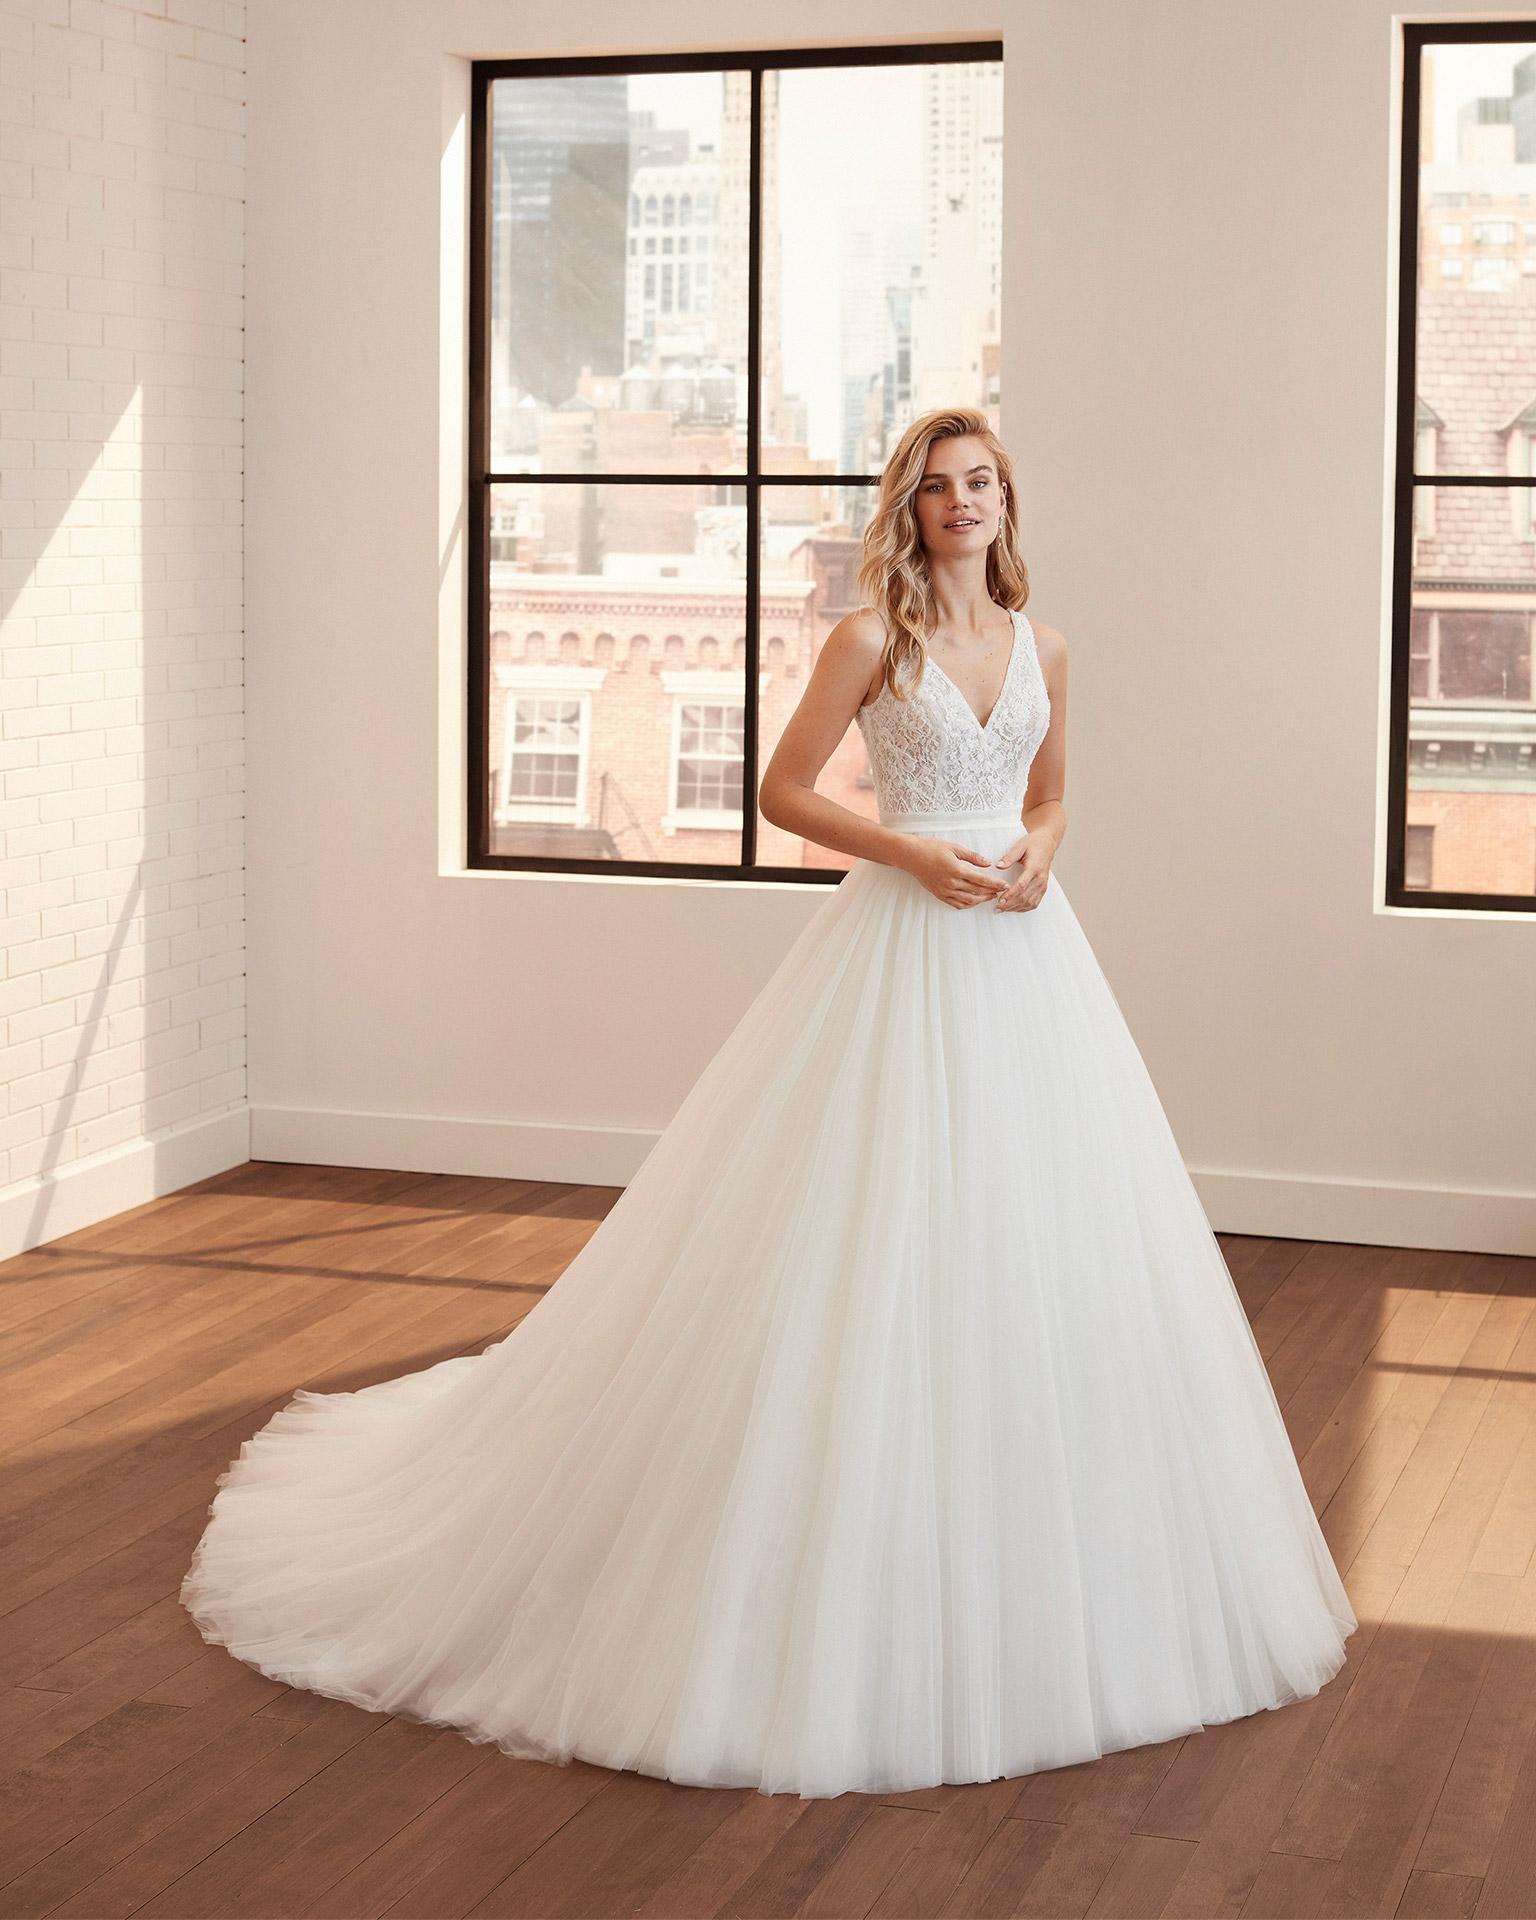 Vestidos de novia de estilo princesa de tul, encaje y pedrería con escote y espalda en V y falda volumen. Colección  2020.